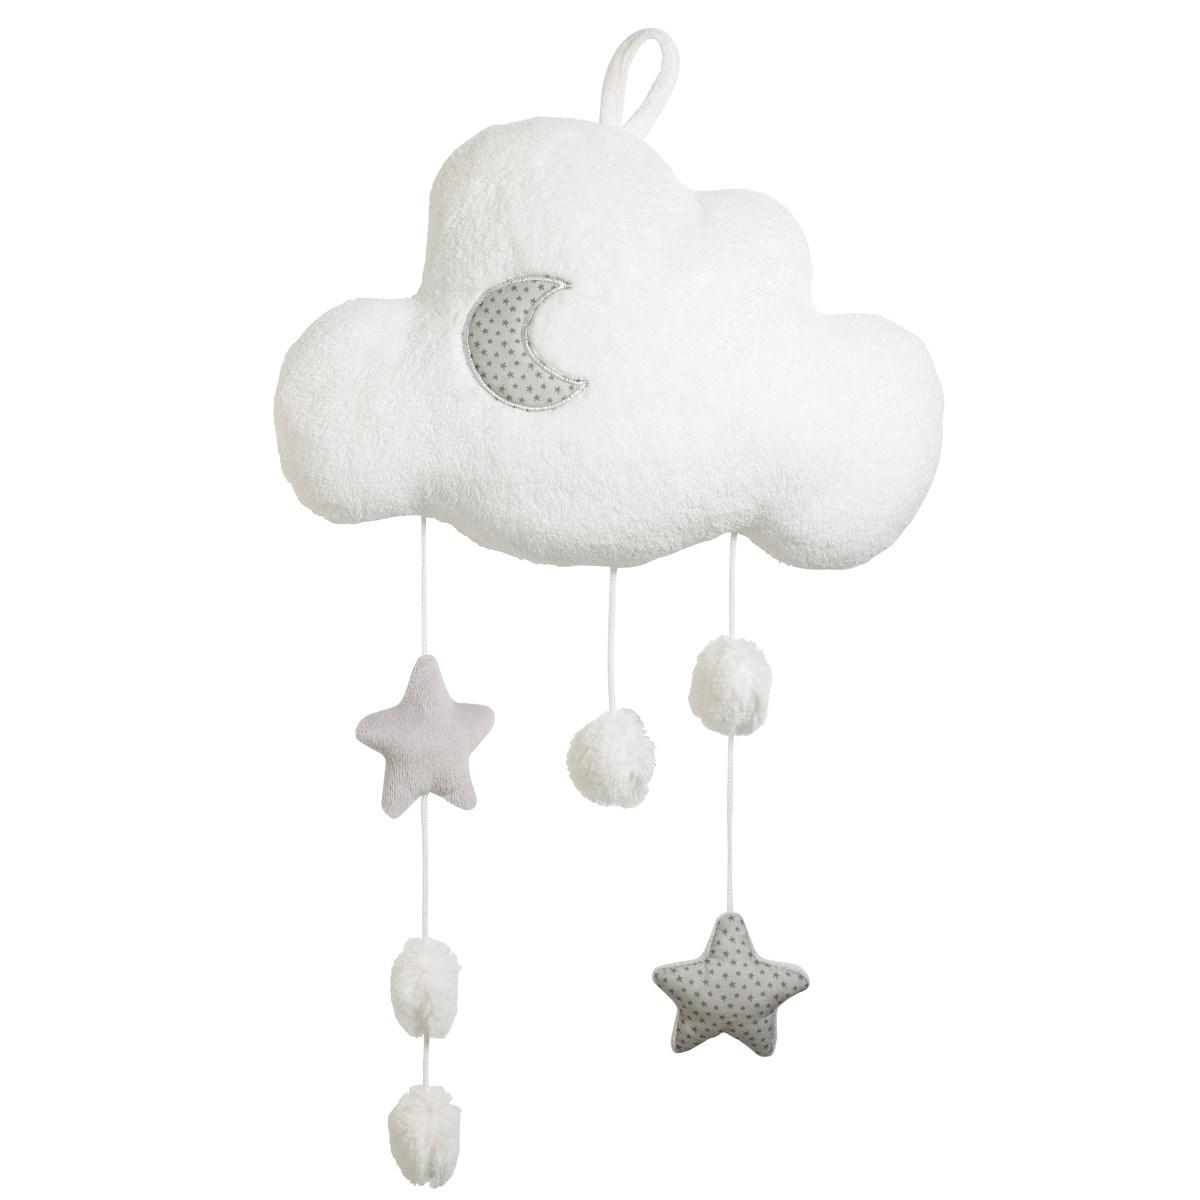 Suspension décorative murale nuage en polyester blanc